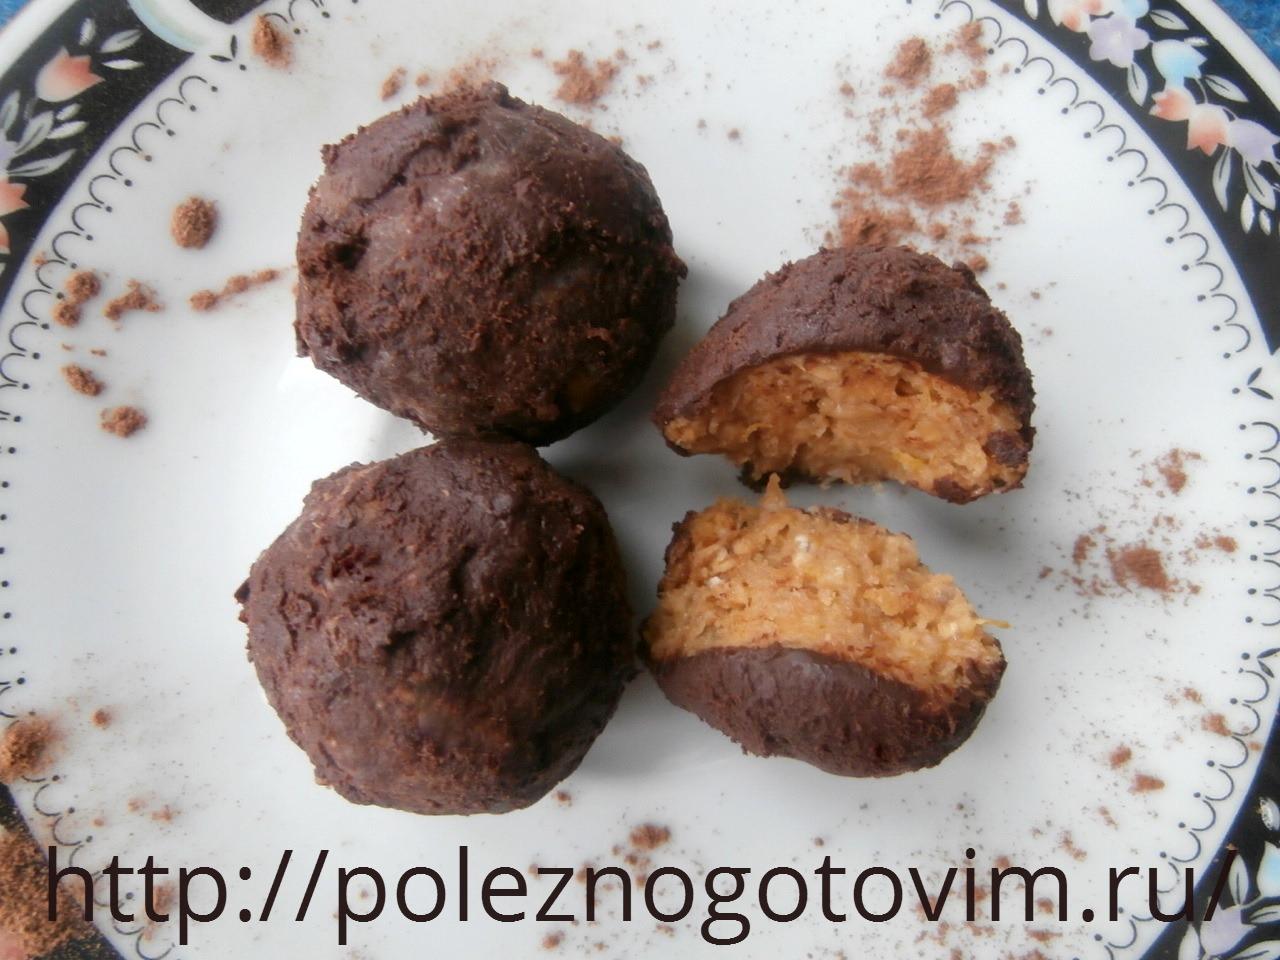 Шоколадные конфеты своими руками рецепты фото 202